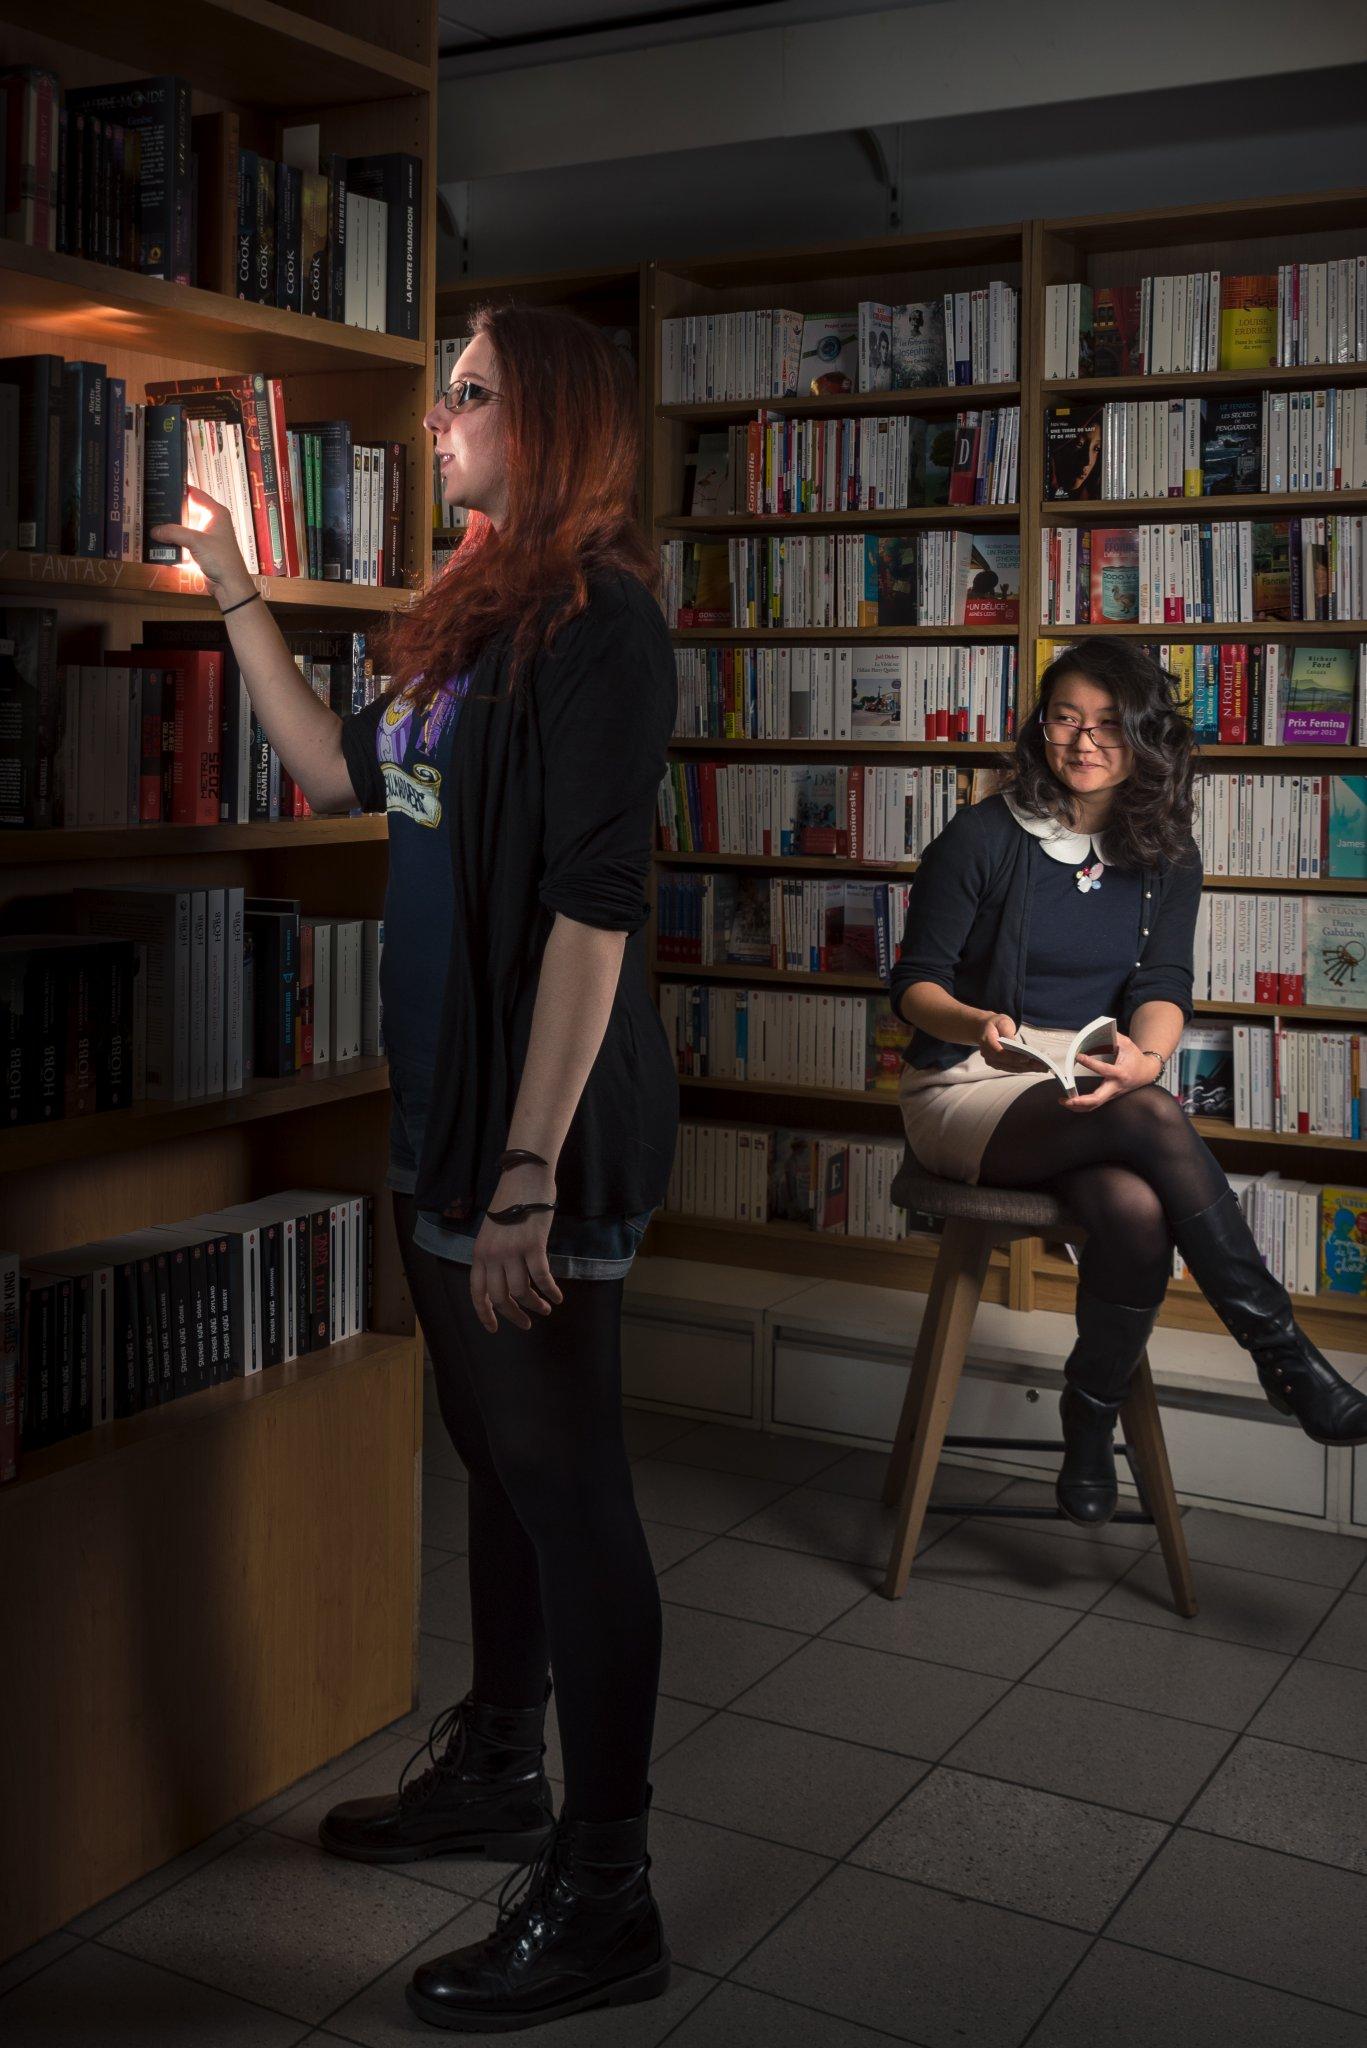 Photographe Lyon Villeurbanne - portrait professionnel artisan commerçant entreprise - Lucile et Yoon-Lore - Librairie Fantasio - Gratte-Ciel